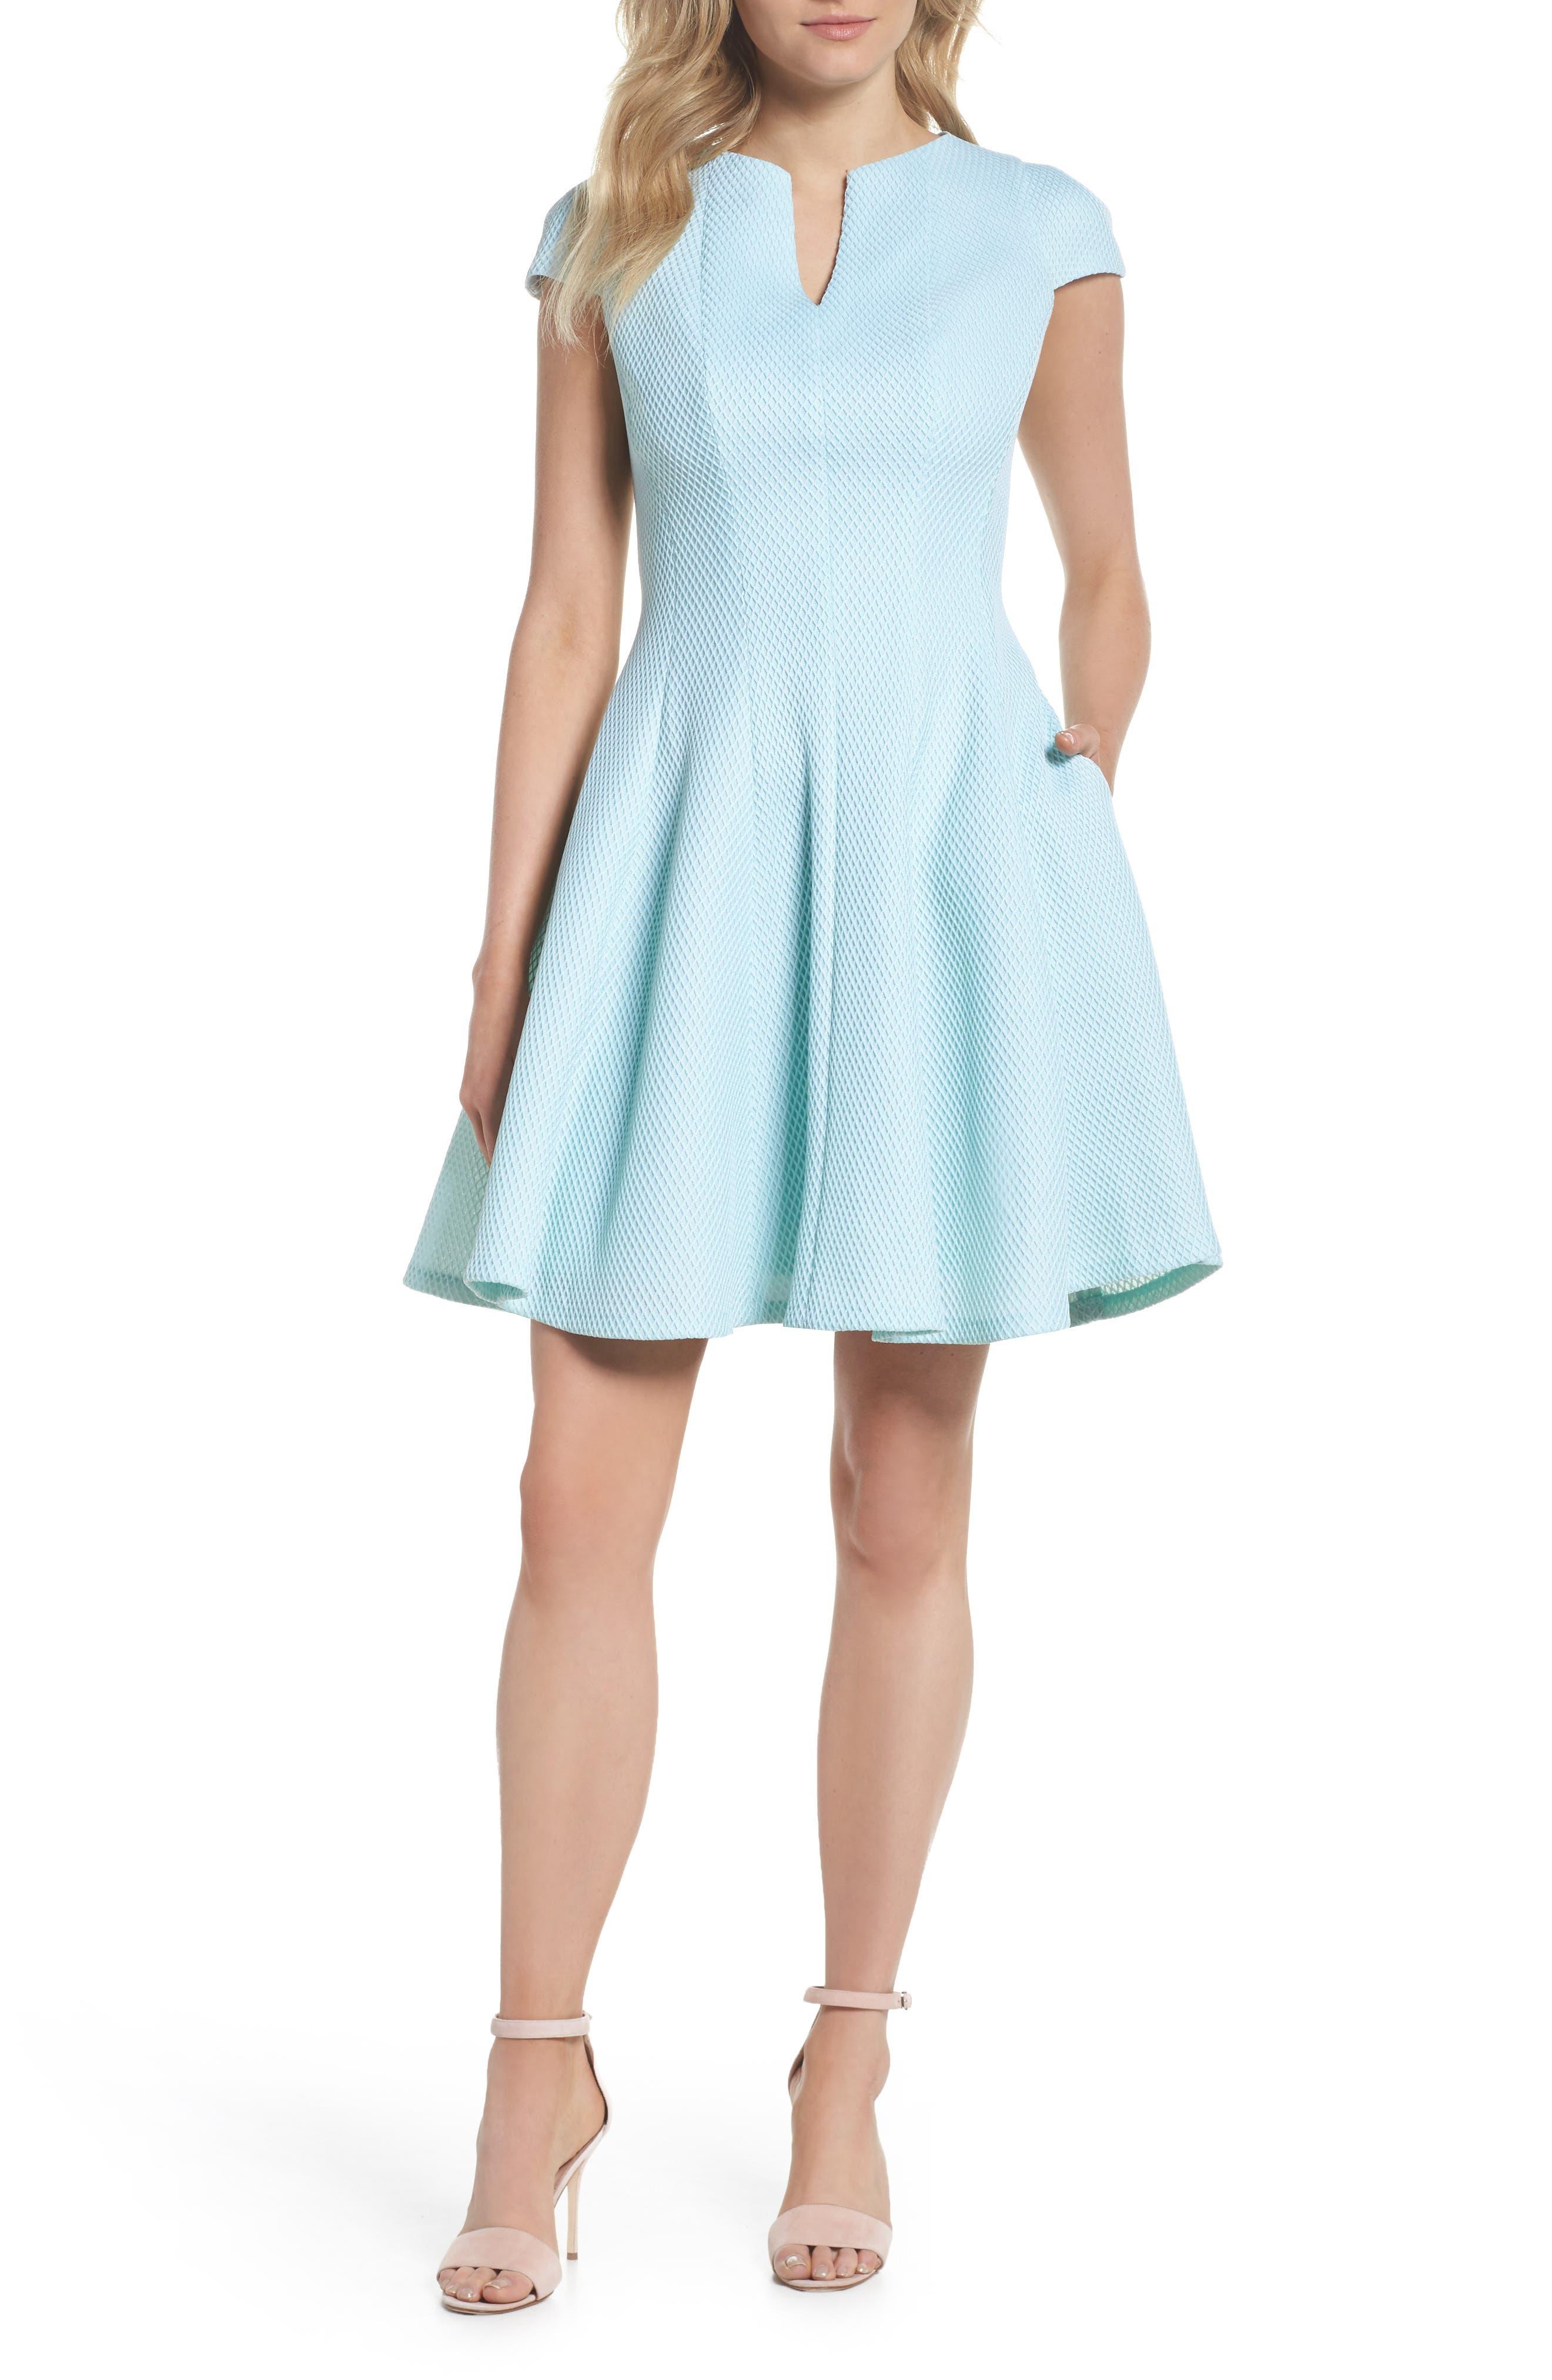 Alternate Image 1 Selected - Julia Jordan Fit & Flare Dress